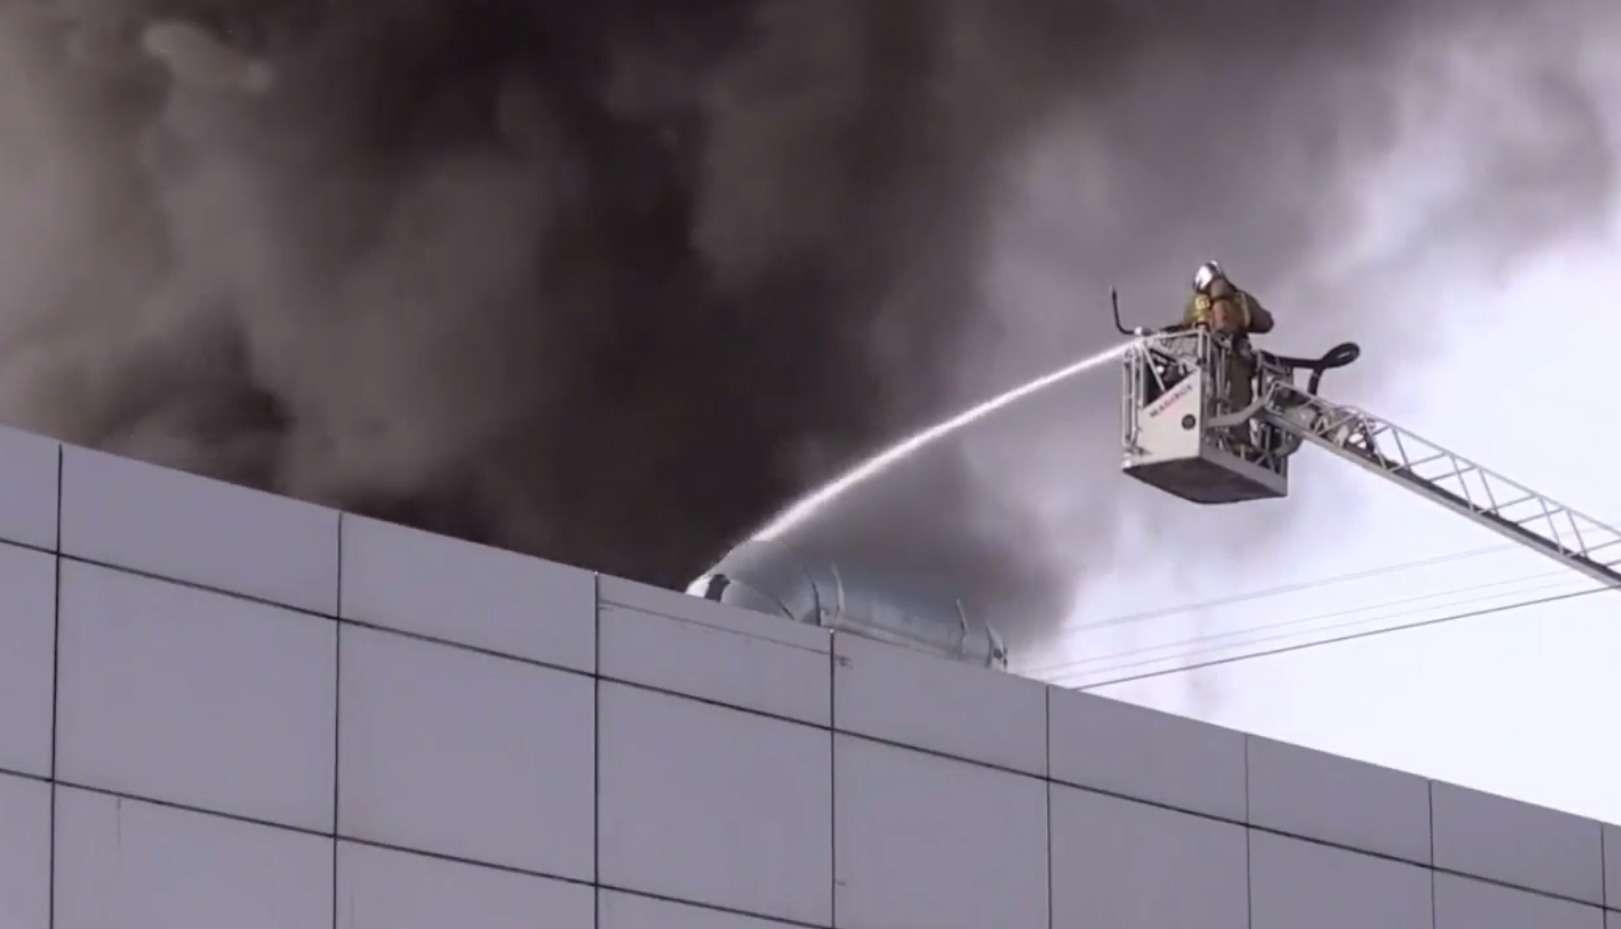 Эти машины вогне... ВСанкт-Петербурге горит автоцентр Hyundai